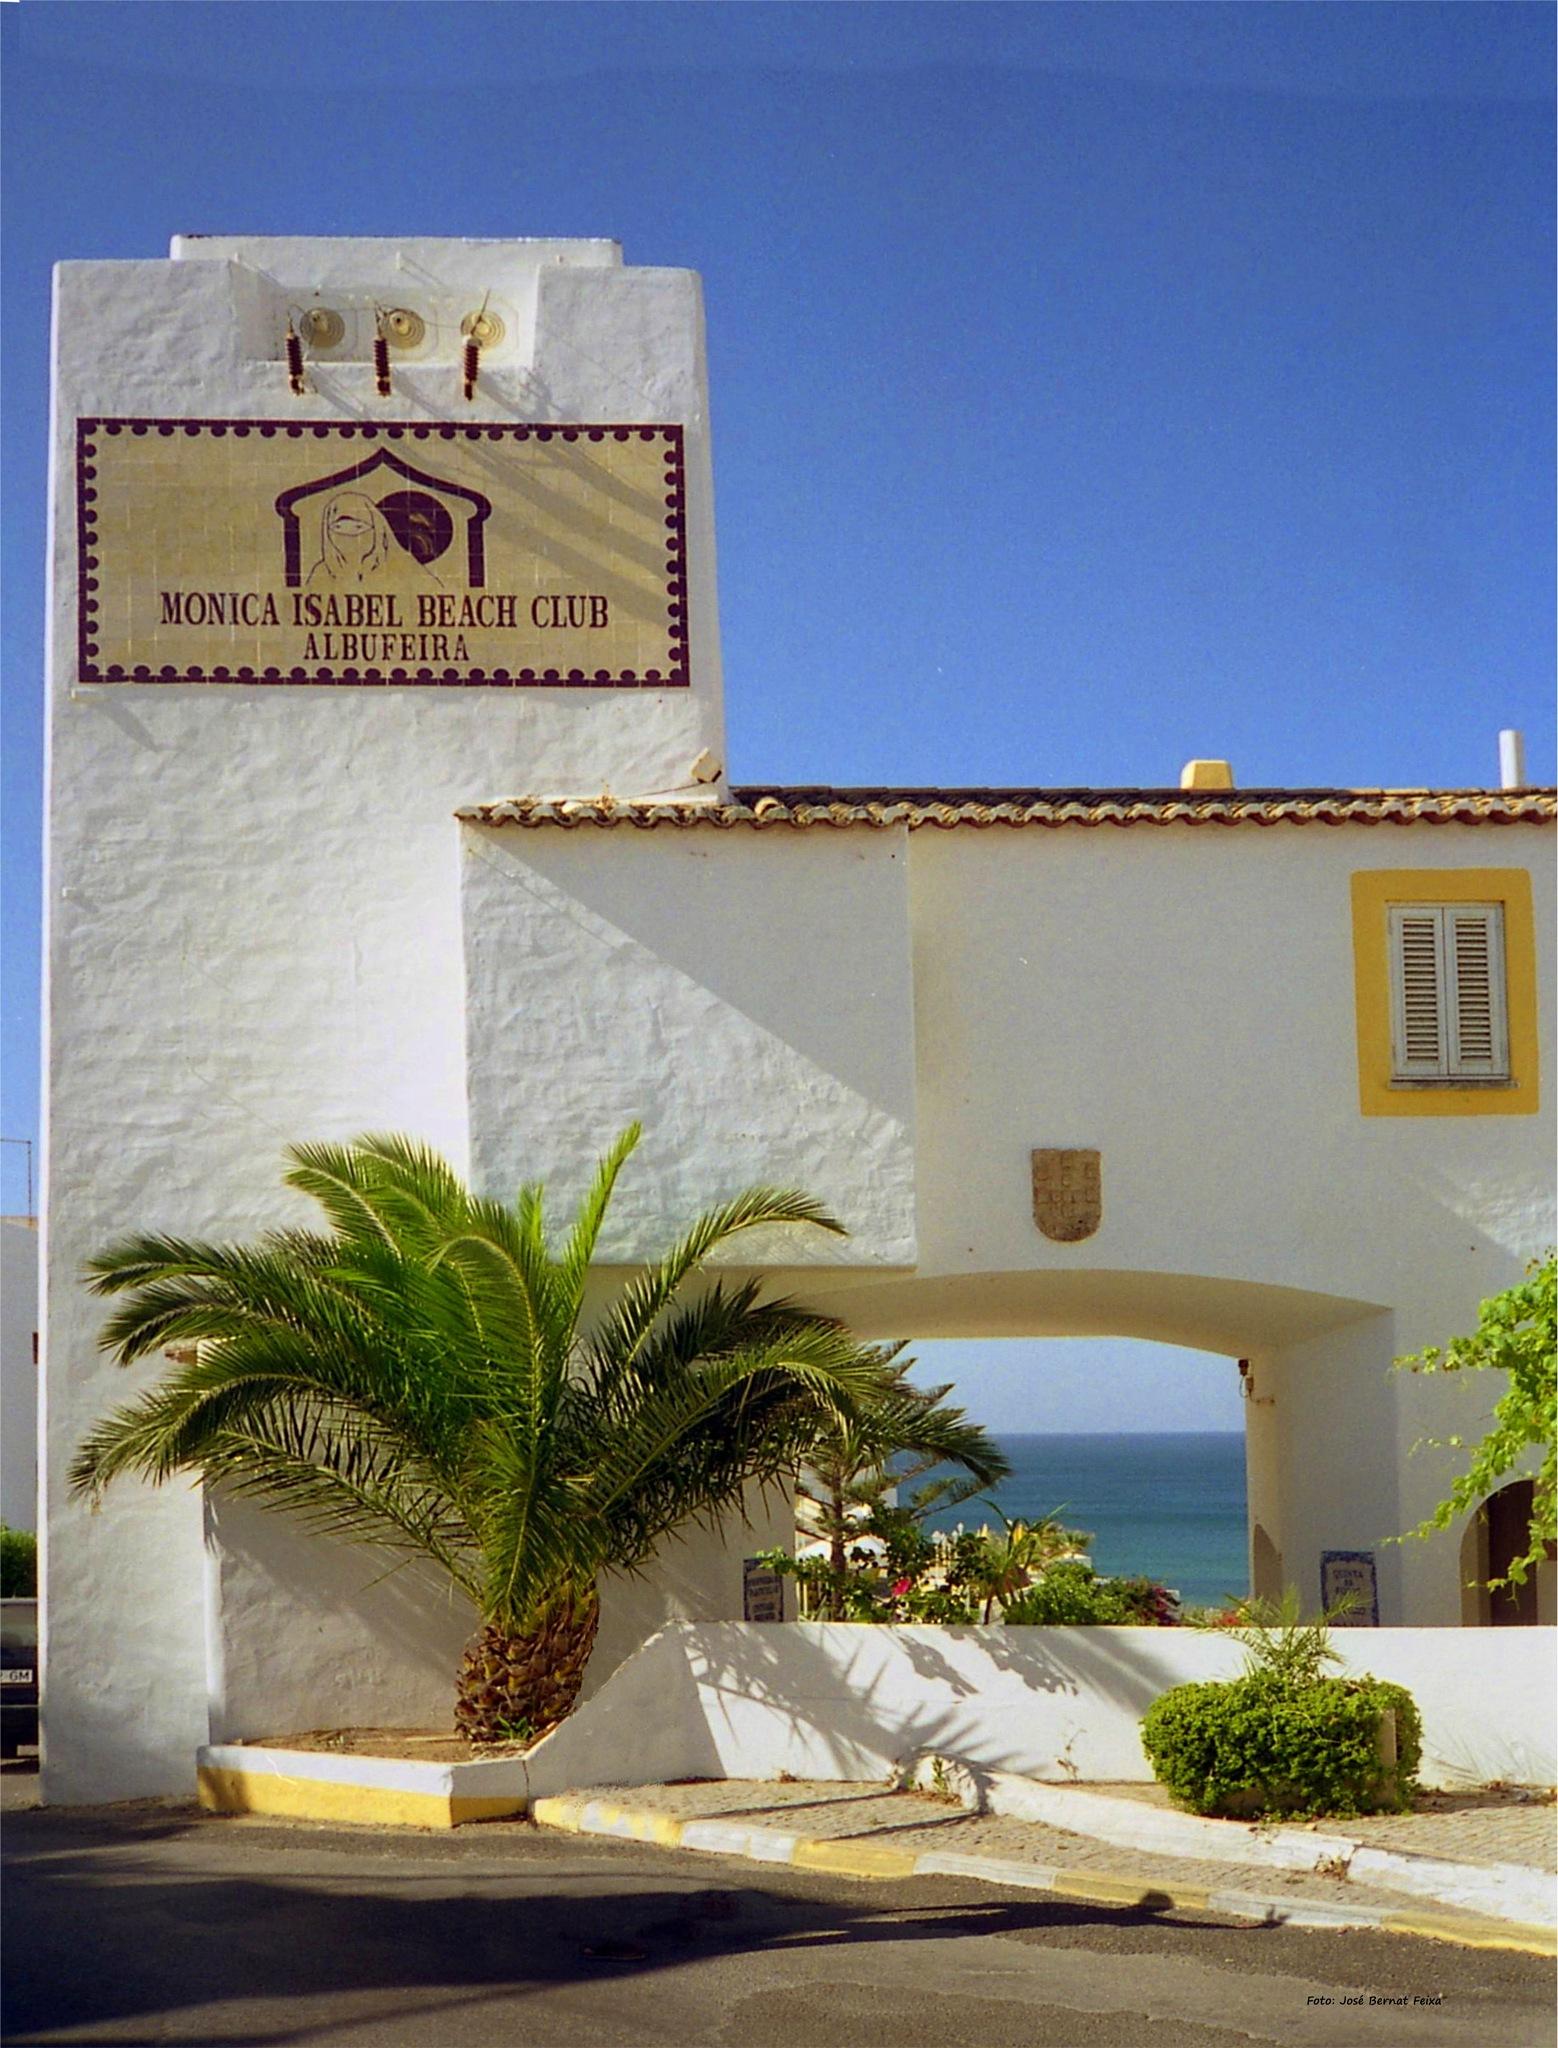 MONICA ISABEL BEACH CLUB, Albufeira by José Bernat Feixa